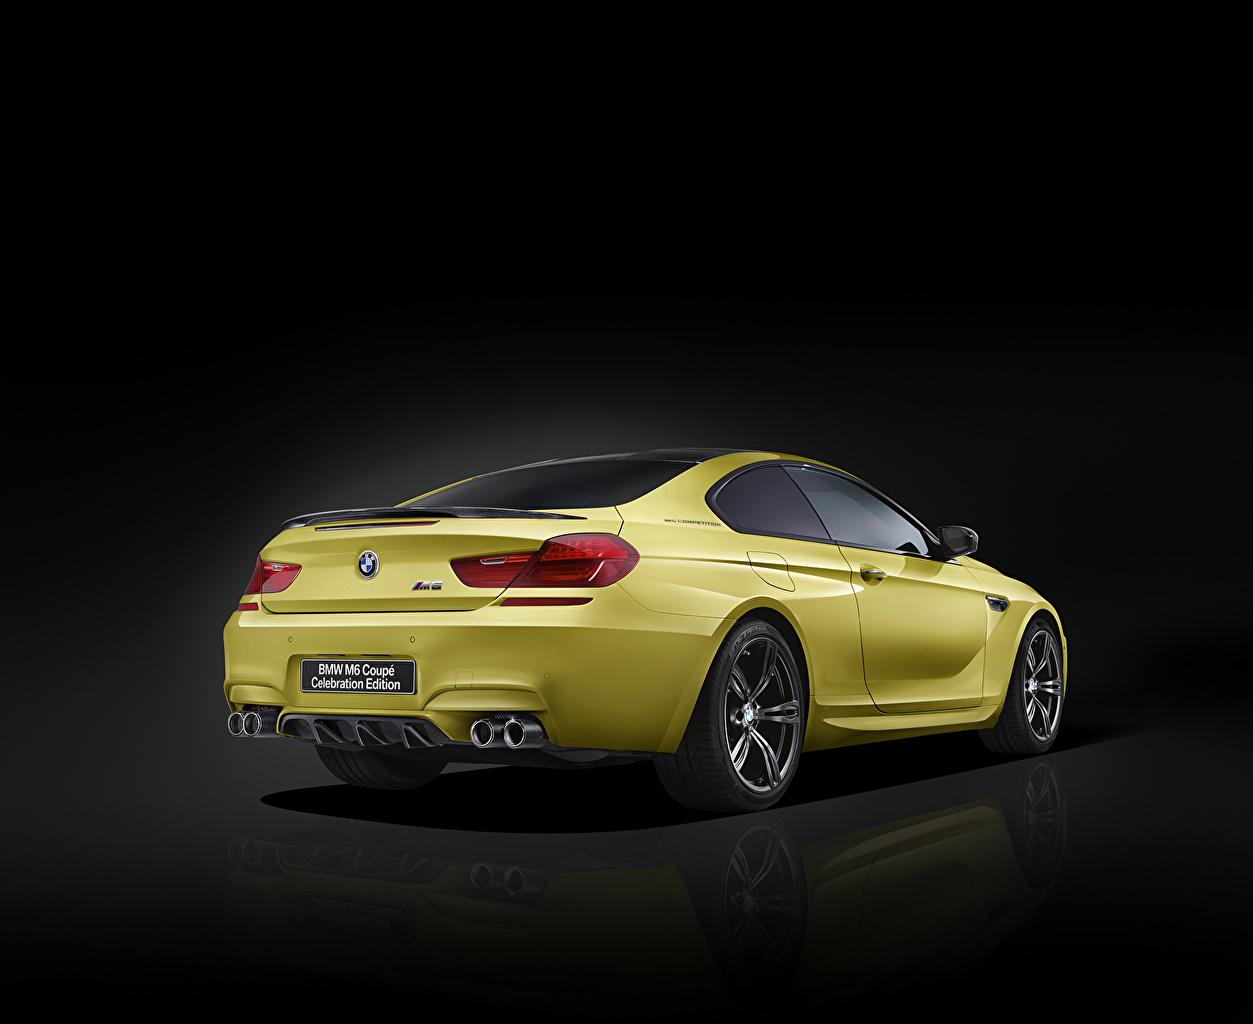 Фото BMW M6 Coupe желтая Сзади Автомобили на черном фоне БМВ желтых желтые Желтый авто машина машины вид сзади автомобиль Черный фон